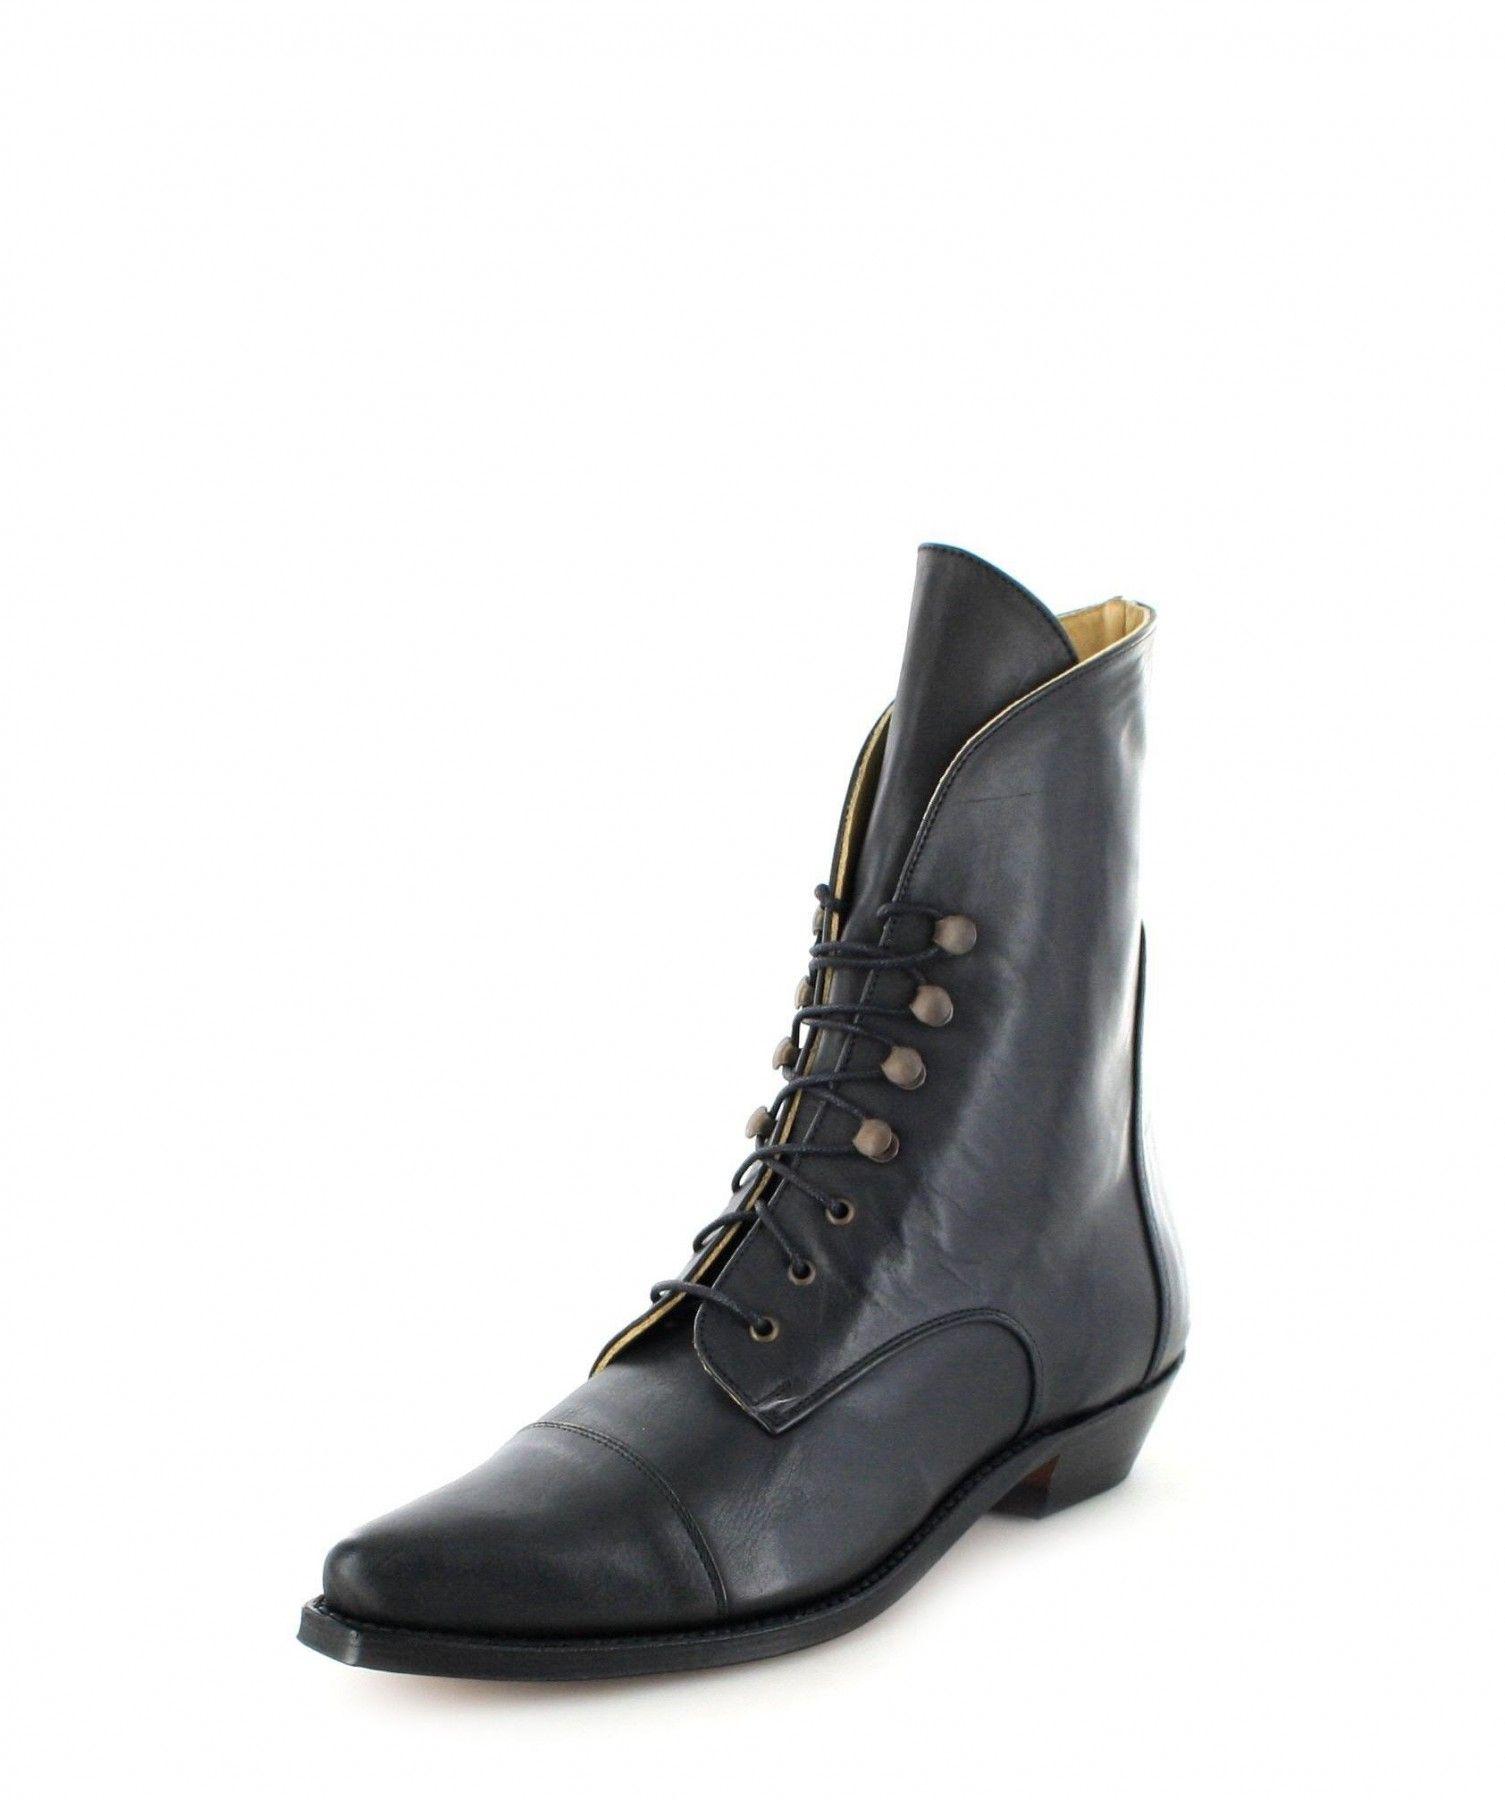 Sendra Boots 11699 Schwarz Weiss Damen Western Schnürstiefelette